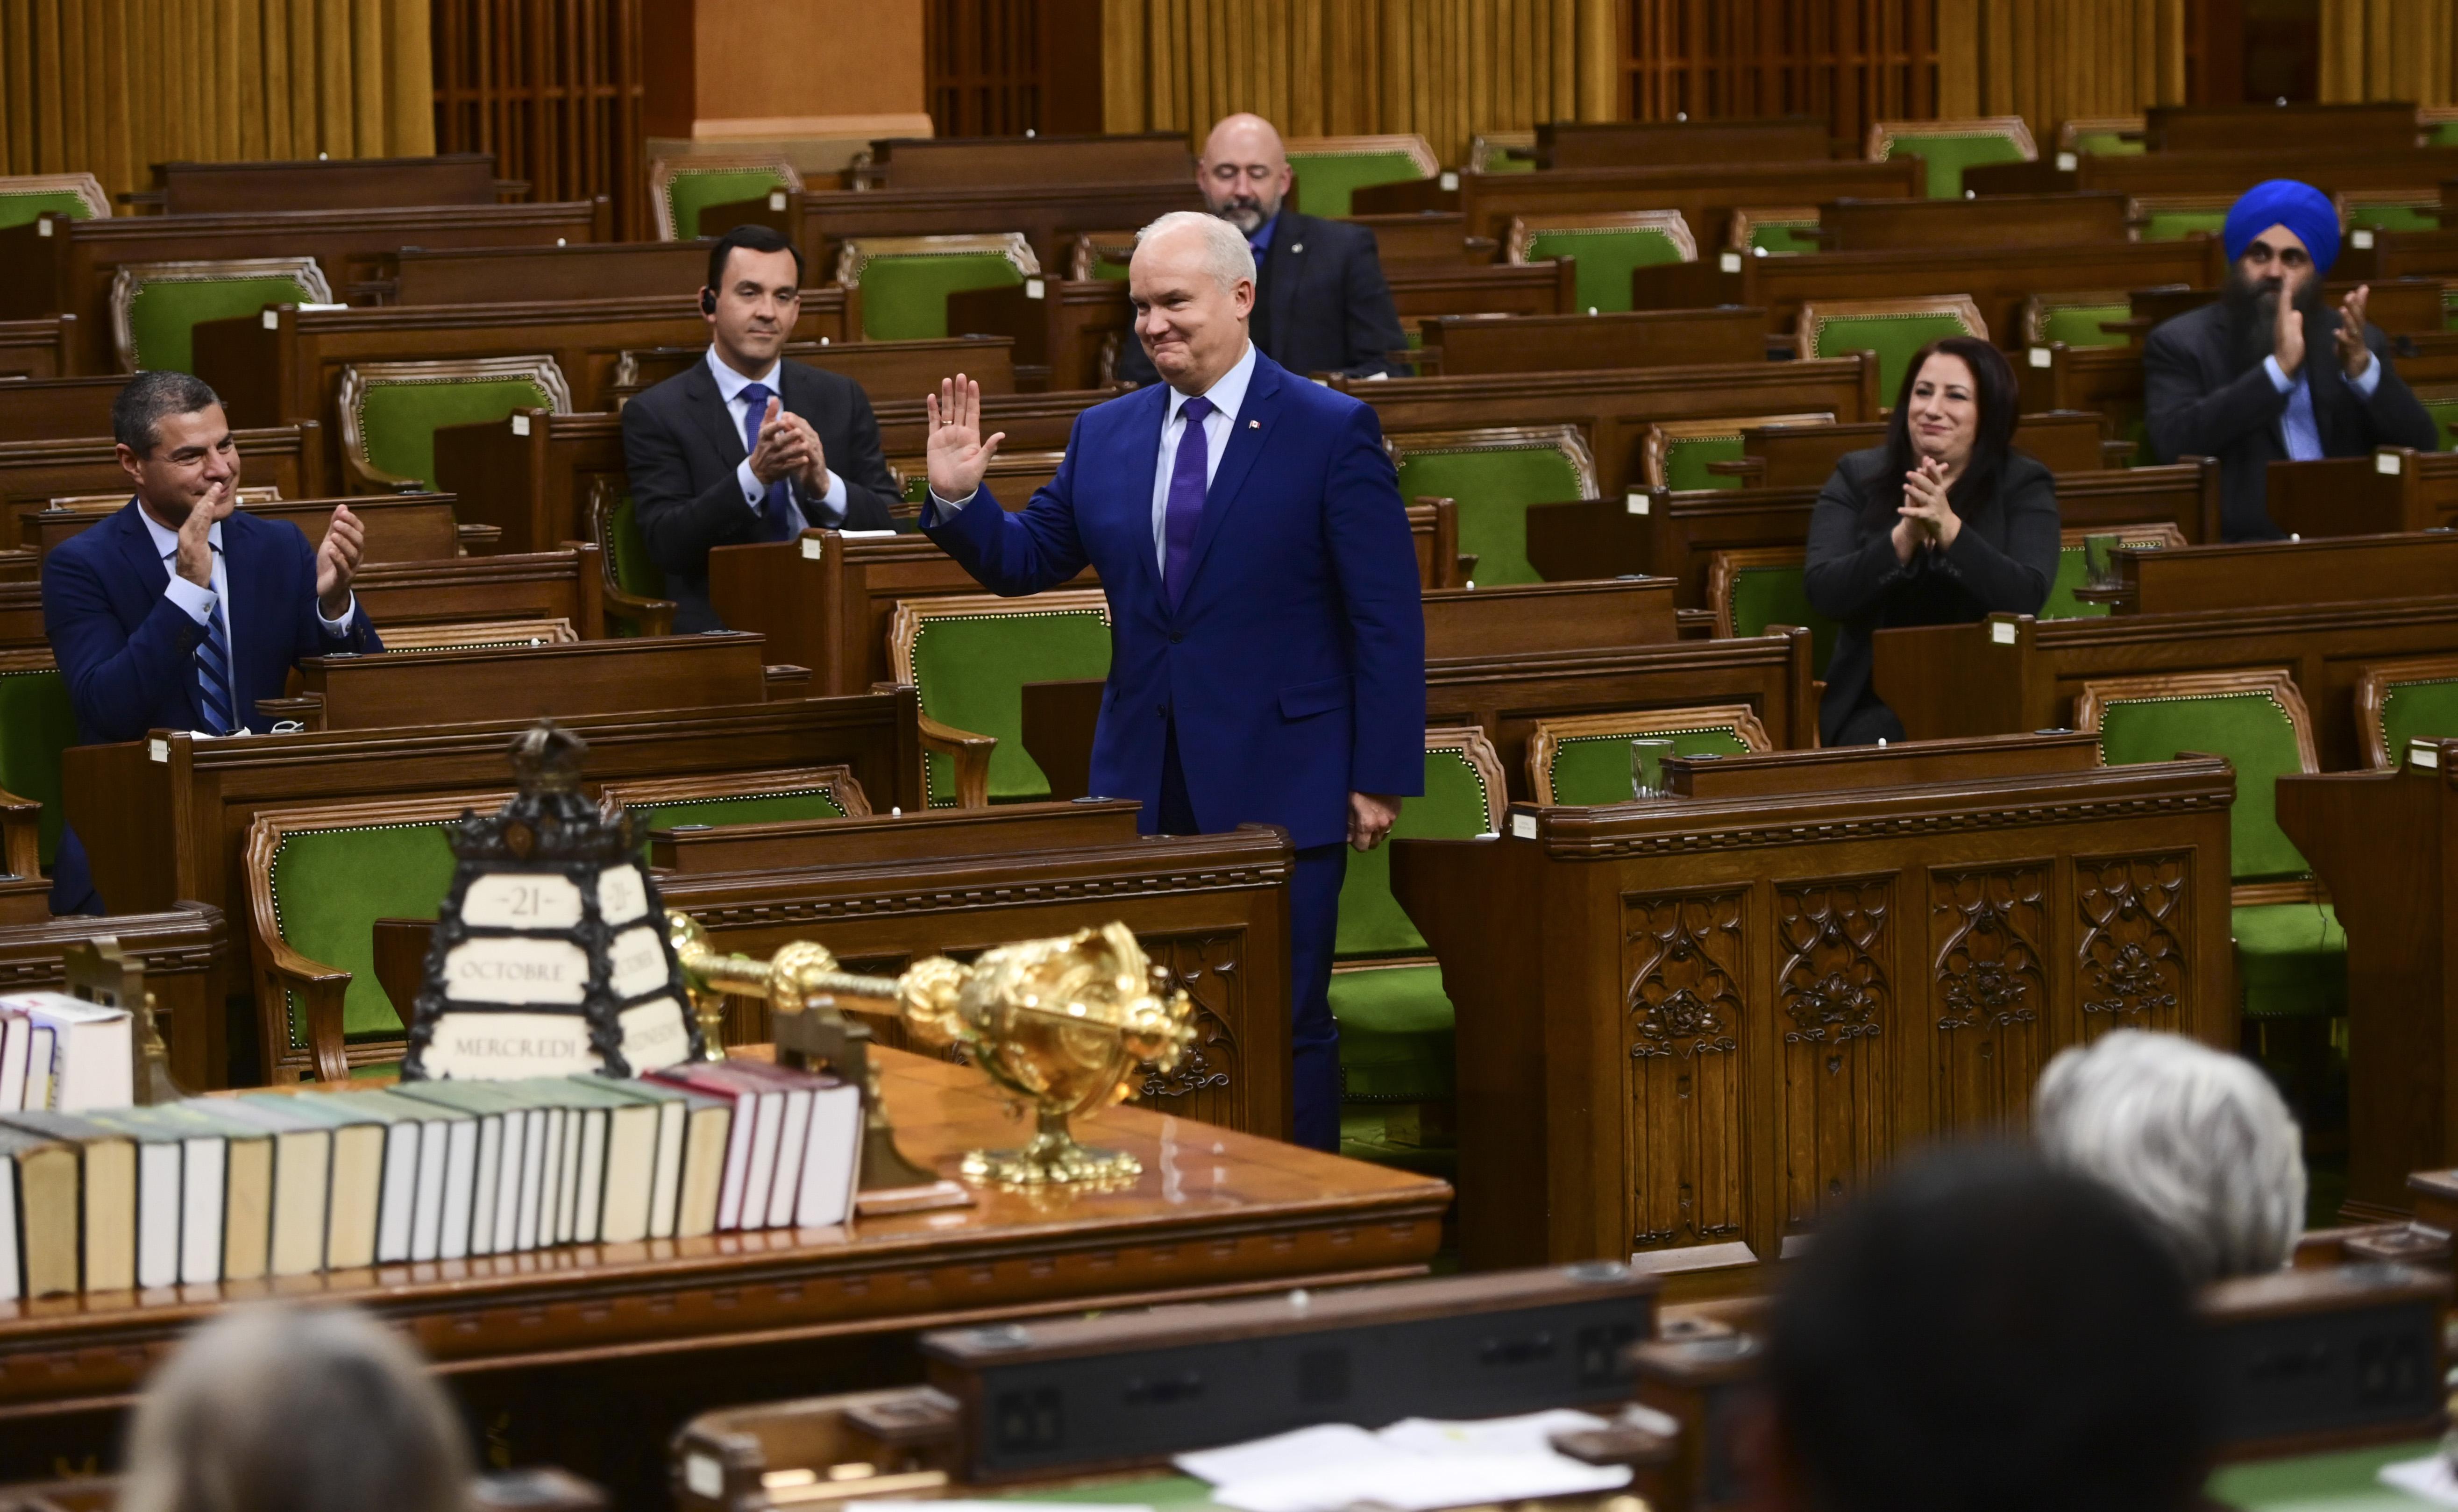 加拿大保守黨領袖歐林·奧圖爾(Erin O'Toole)說:「現在是採取行動的時候了。首先,我們呼籲自由黨政府能使自己的脊樑骨硬起來。」(Sean Kilpatrick/加通社)